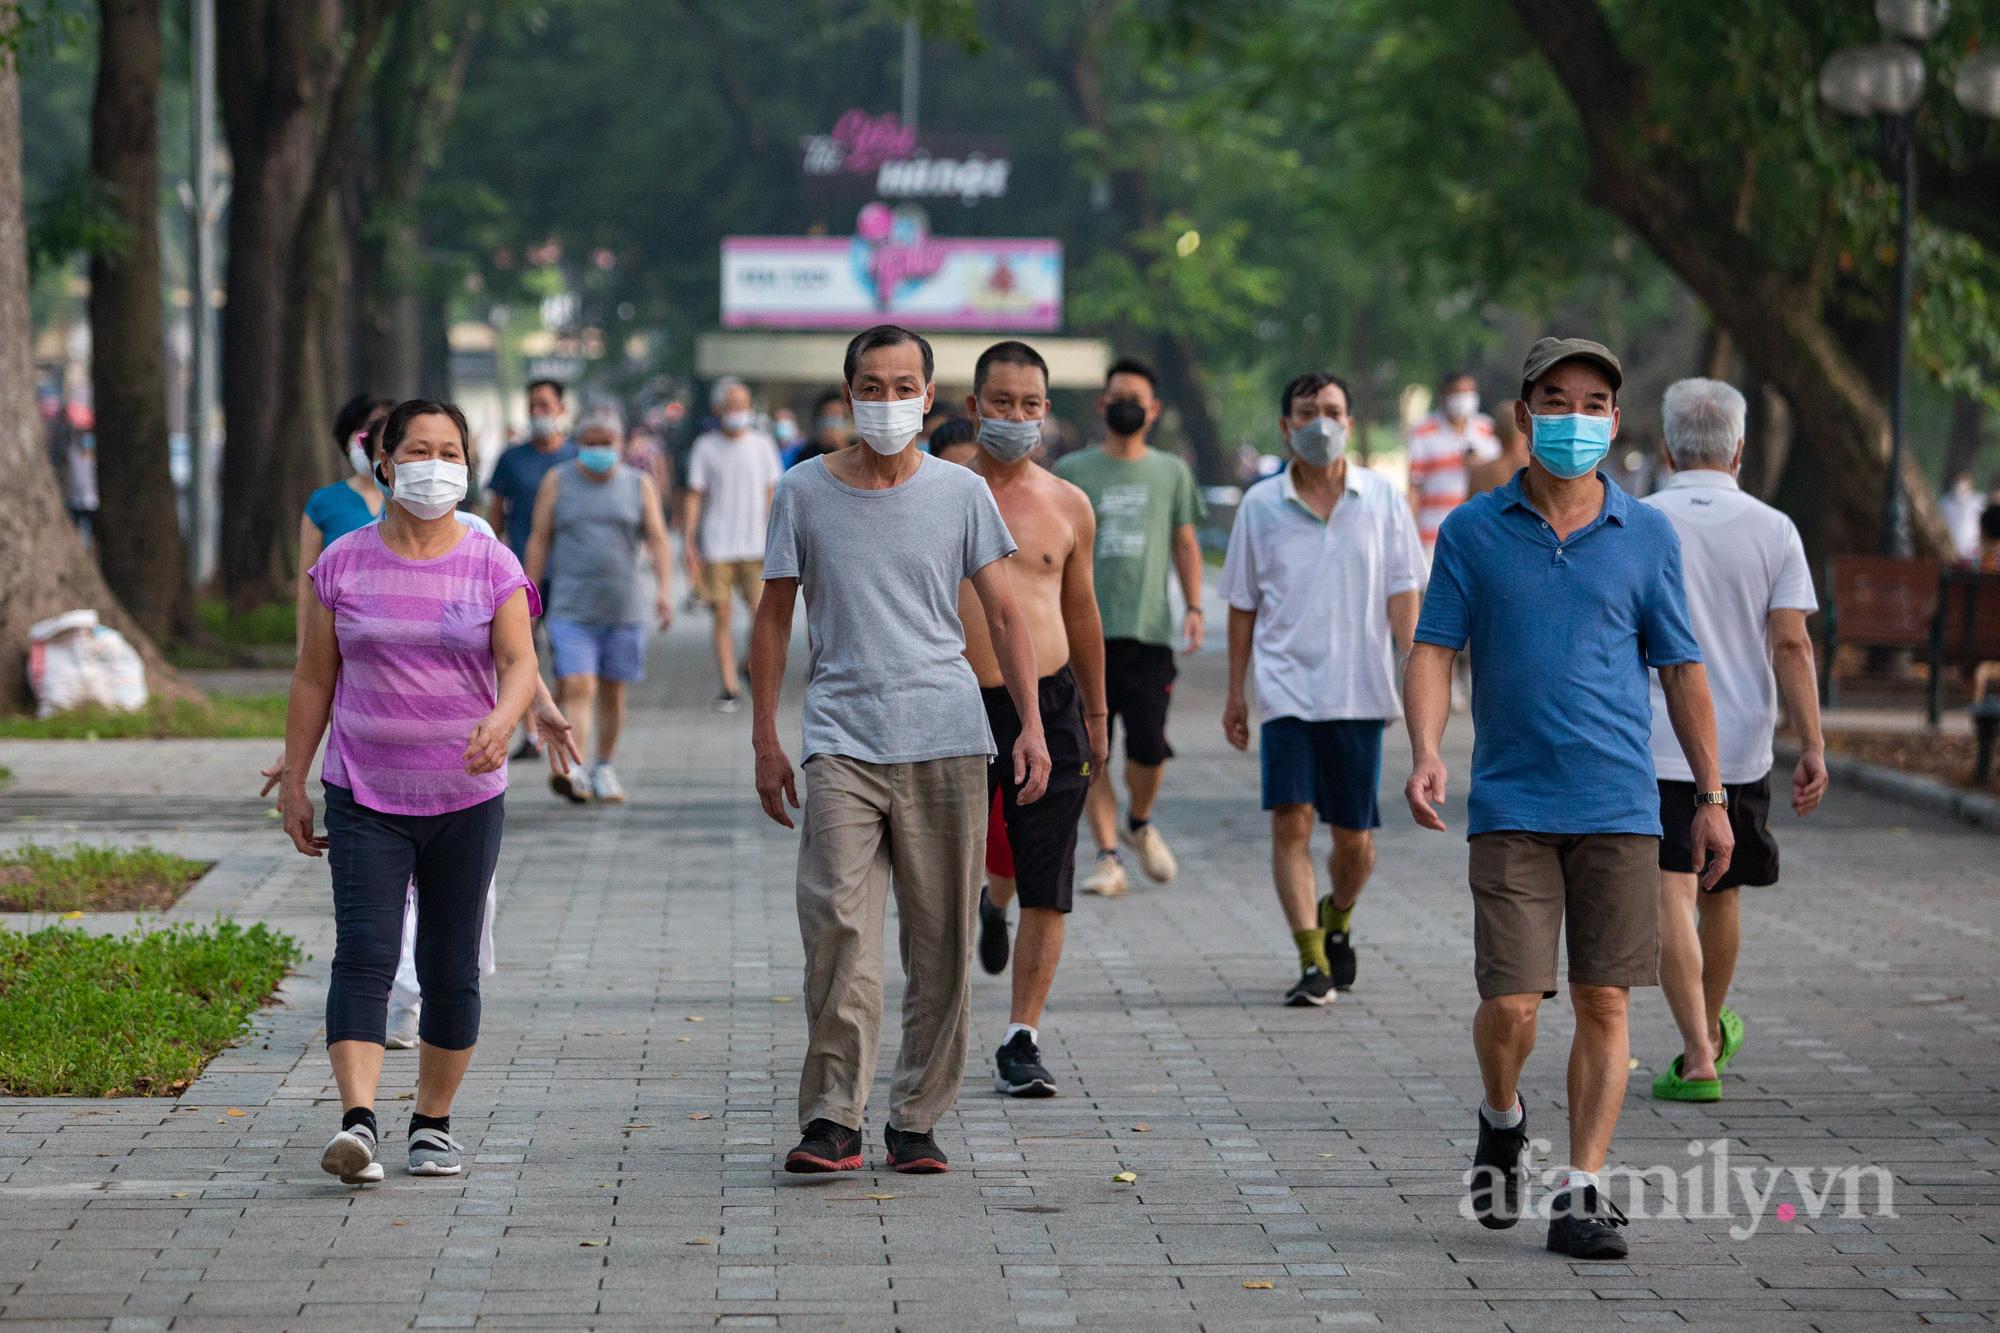 Cảnh lâu lắm rồi mới thấy ở Hà Nội: Người người xuống đường tập thể dục, phố đi bộ thành 'trường đua' xe đạp từ sáng sớm - 16